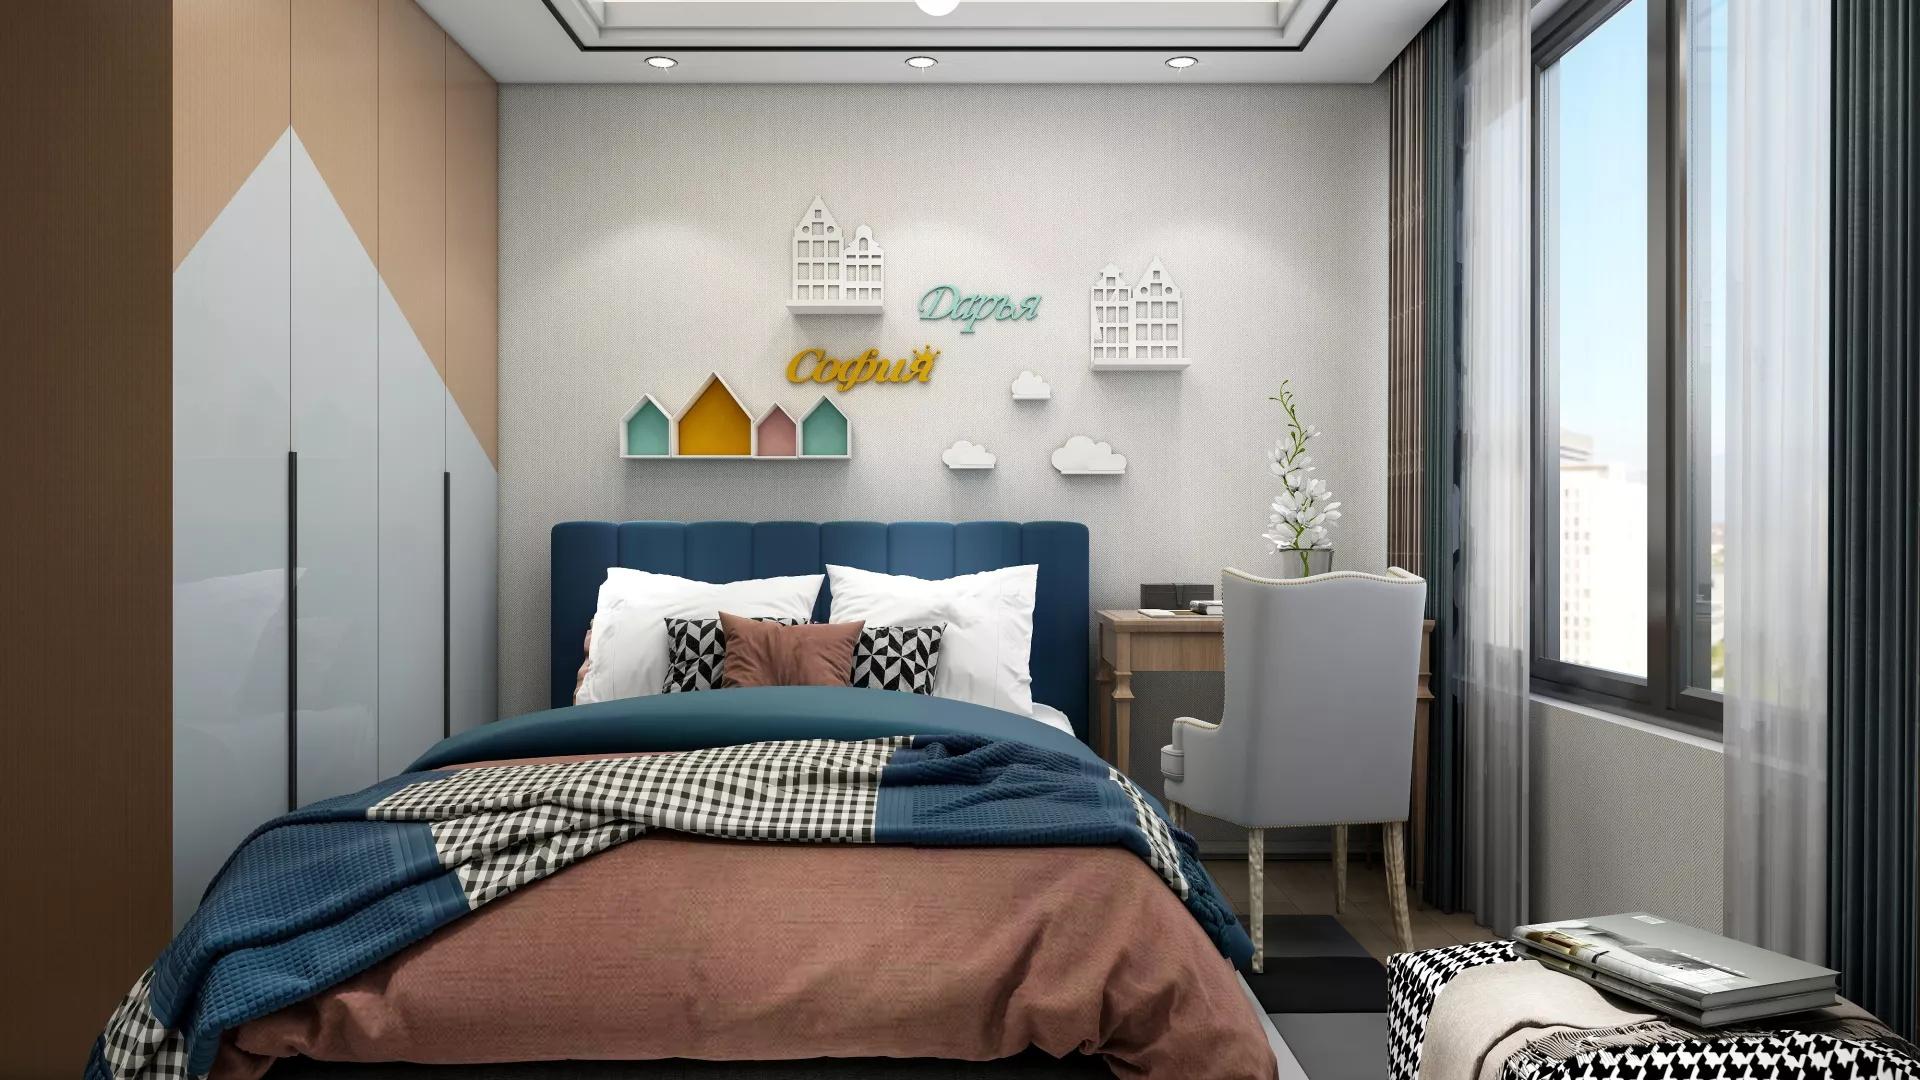 家裝暖氣片有哪些品牌 裝修暖氣片家裝知名品牌